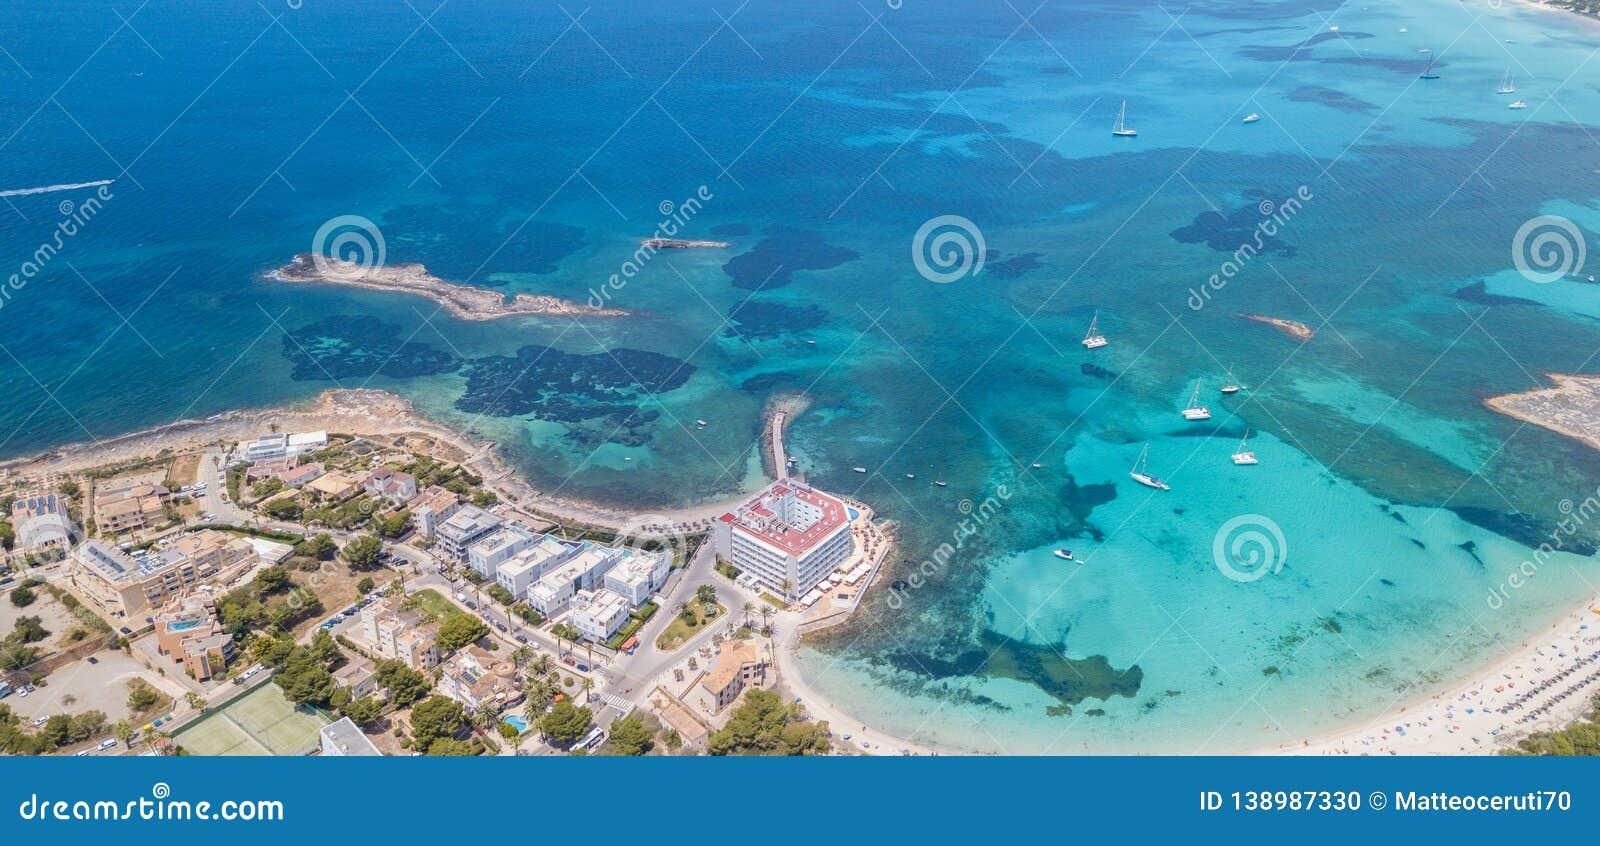 Colonia Sant Jordi, Mallorca Spanien F?rbluffa flyg- landskap f?r surr av den charmiga Estanys stranden och fartygen i ett turkos